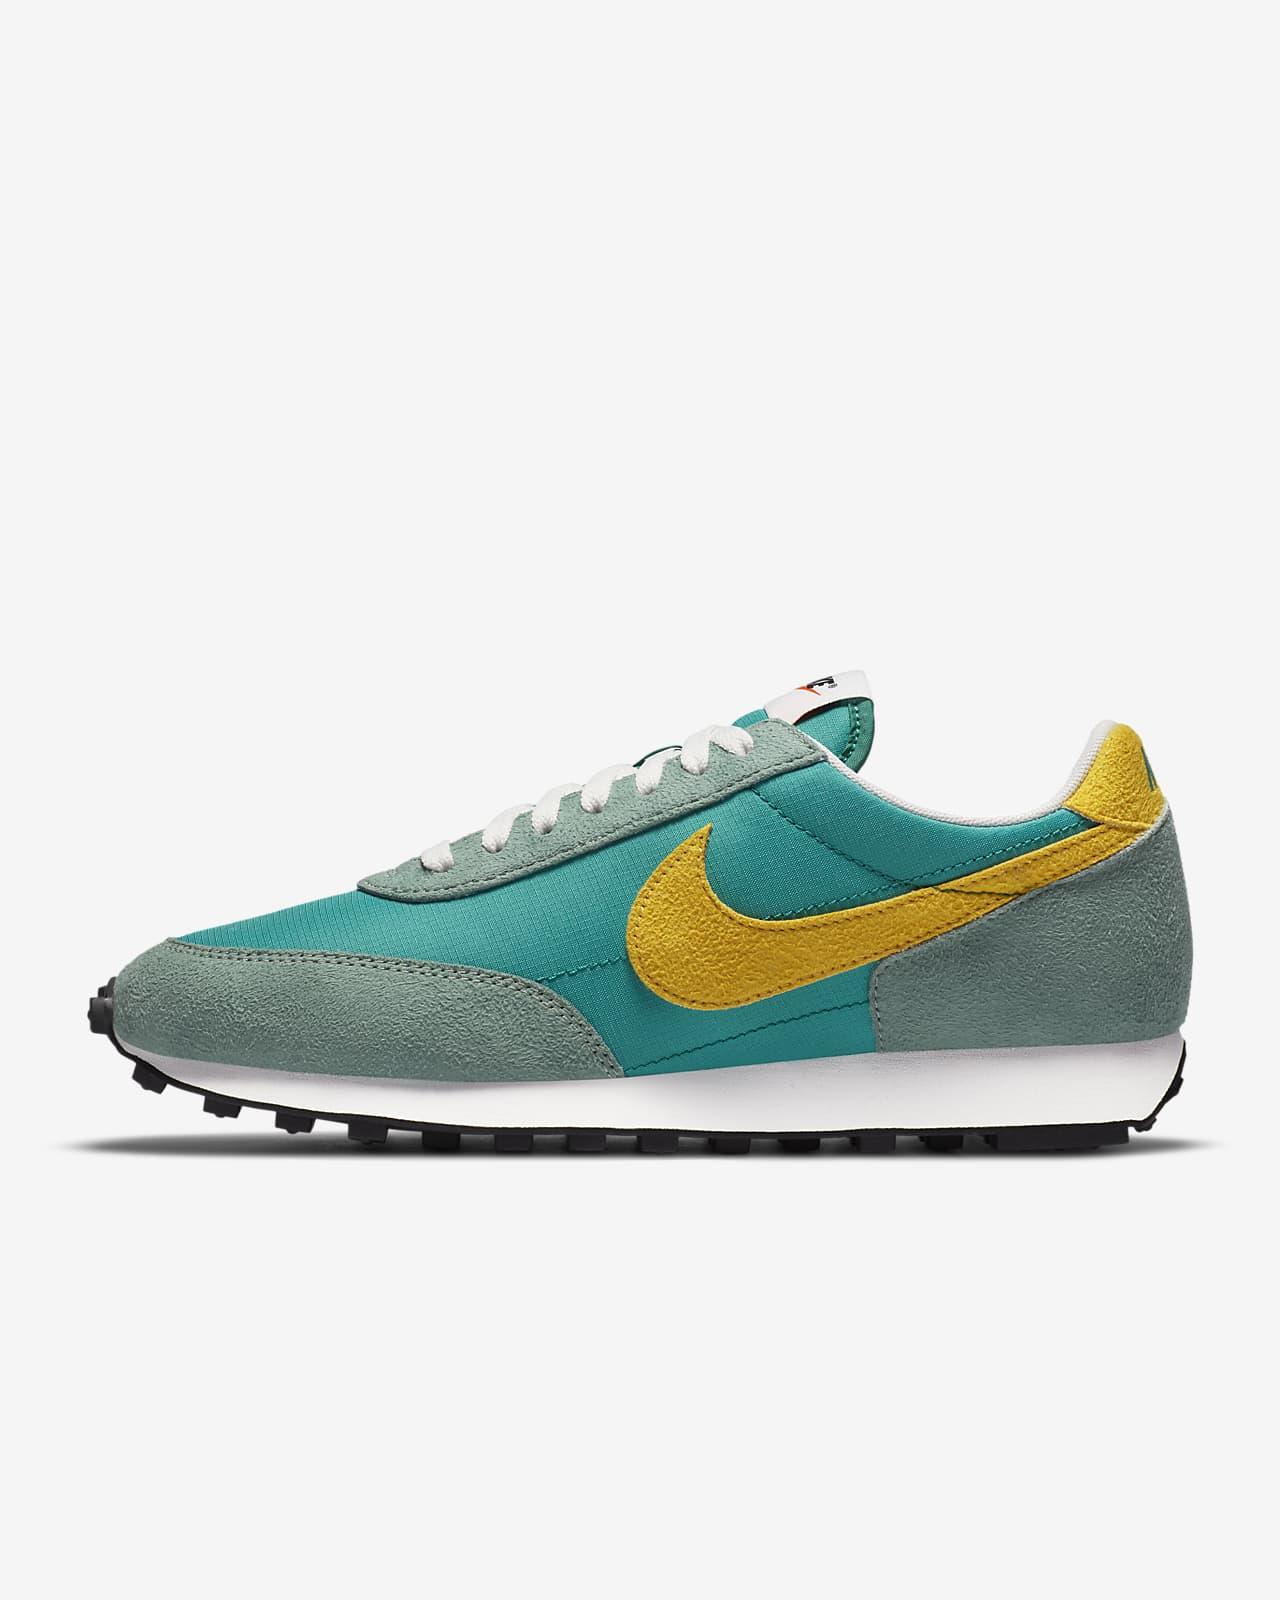 Nike DBreak SP 男子运动鞋